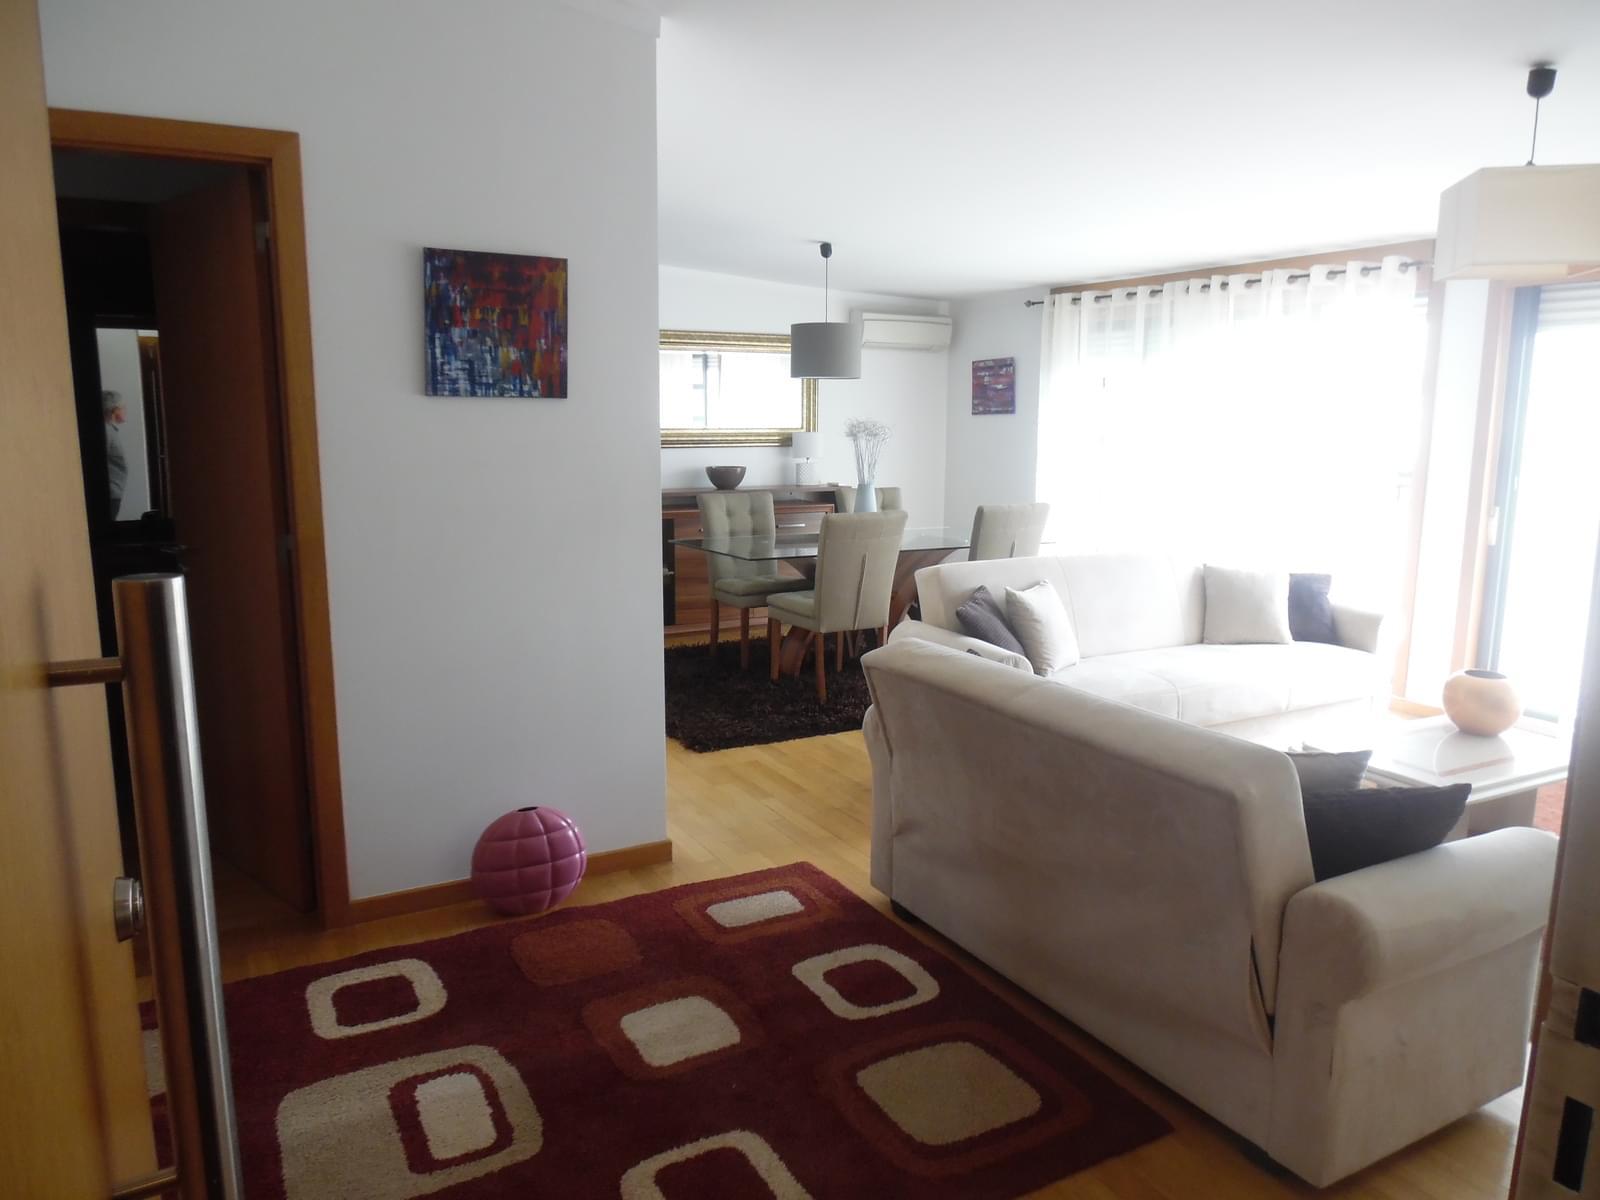 pf18329-apartamento-t1-lisboa-dddf9774-7b66-44dd-b1bf-0d3aea4b199a